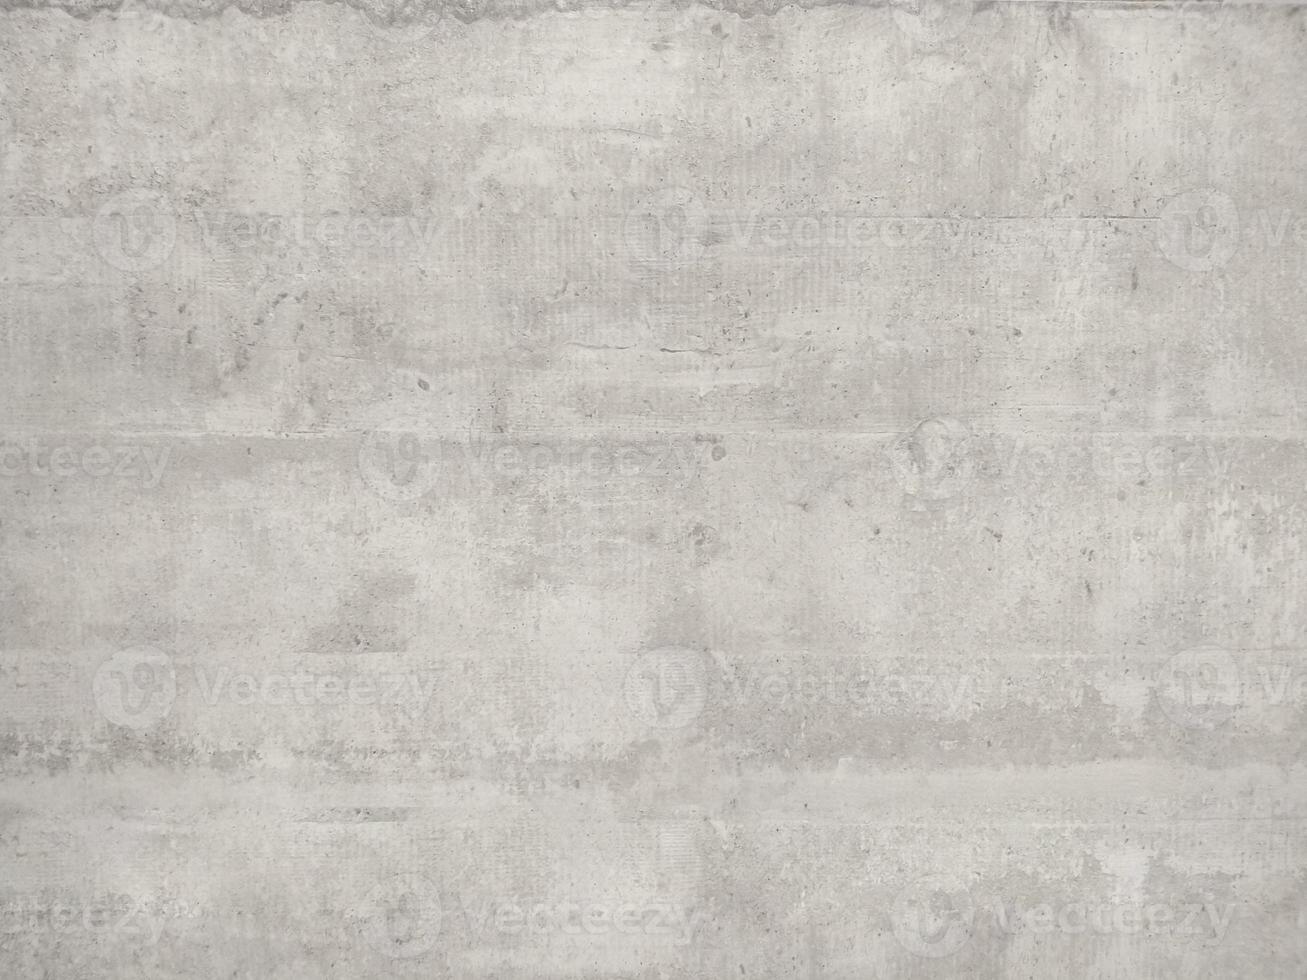 fondo rústico gris foto